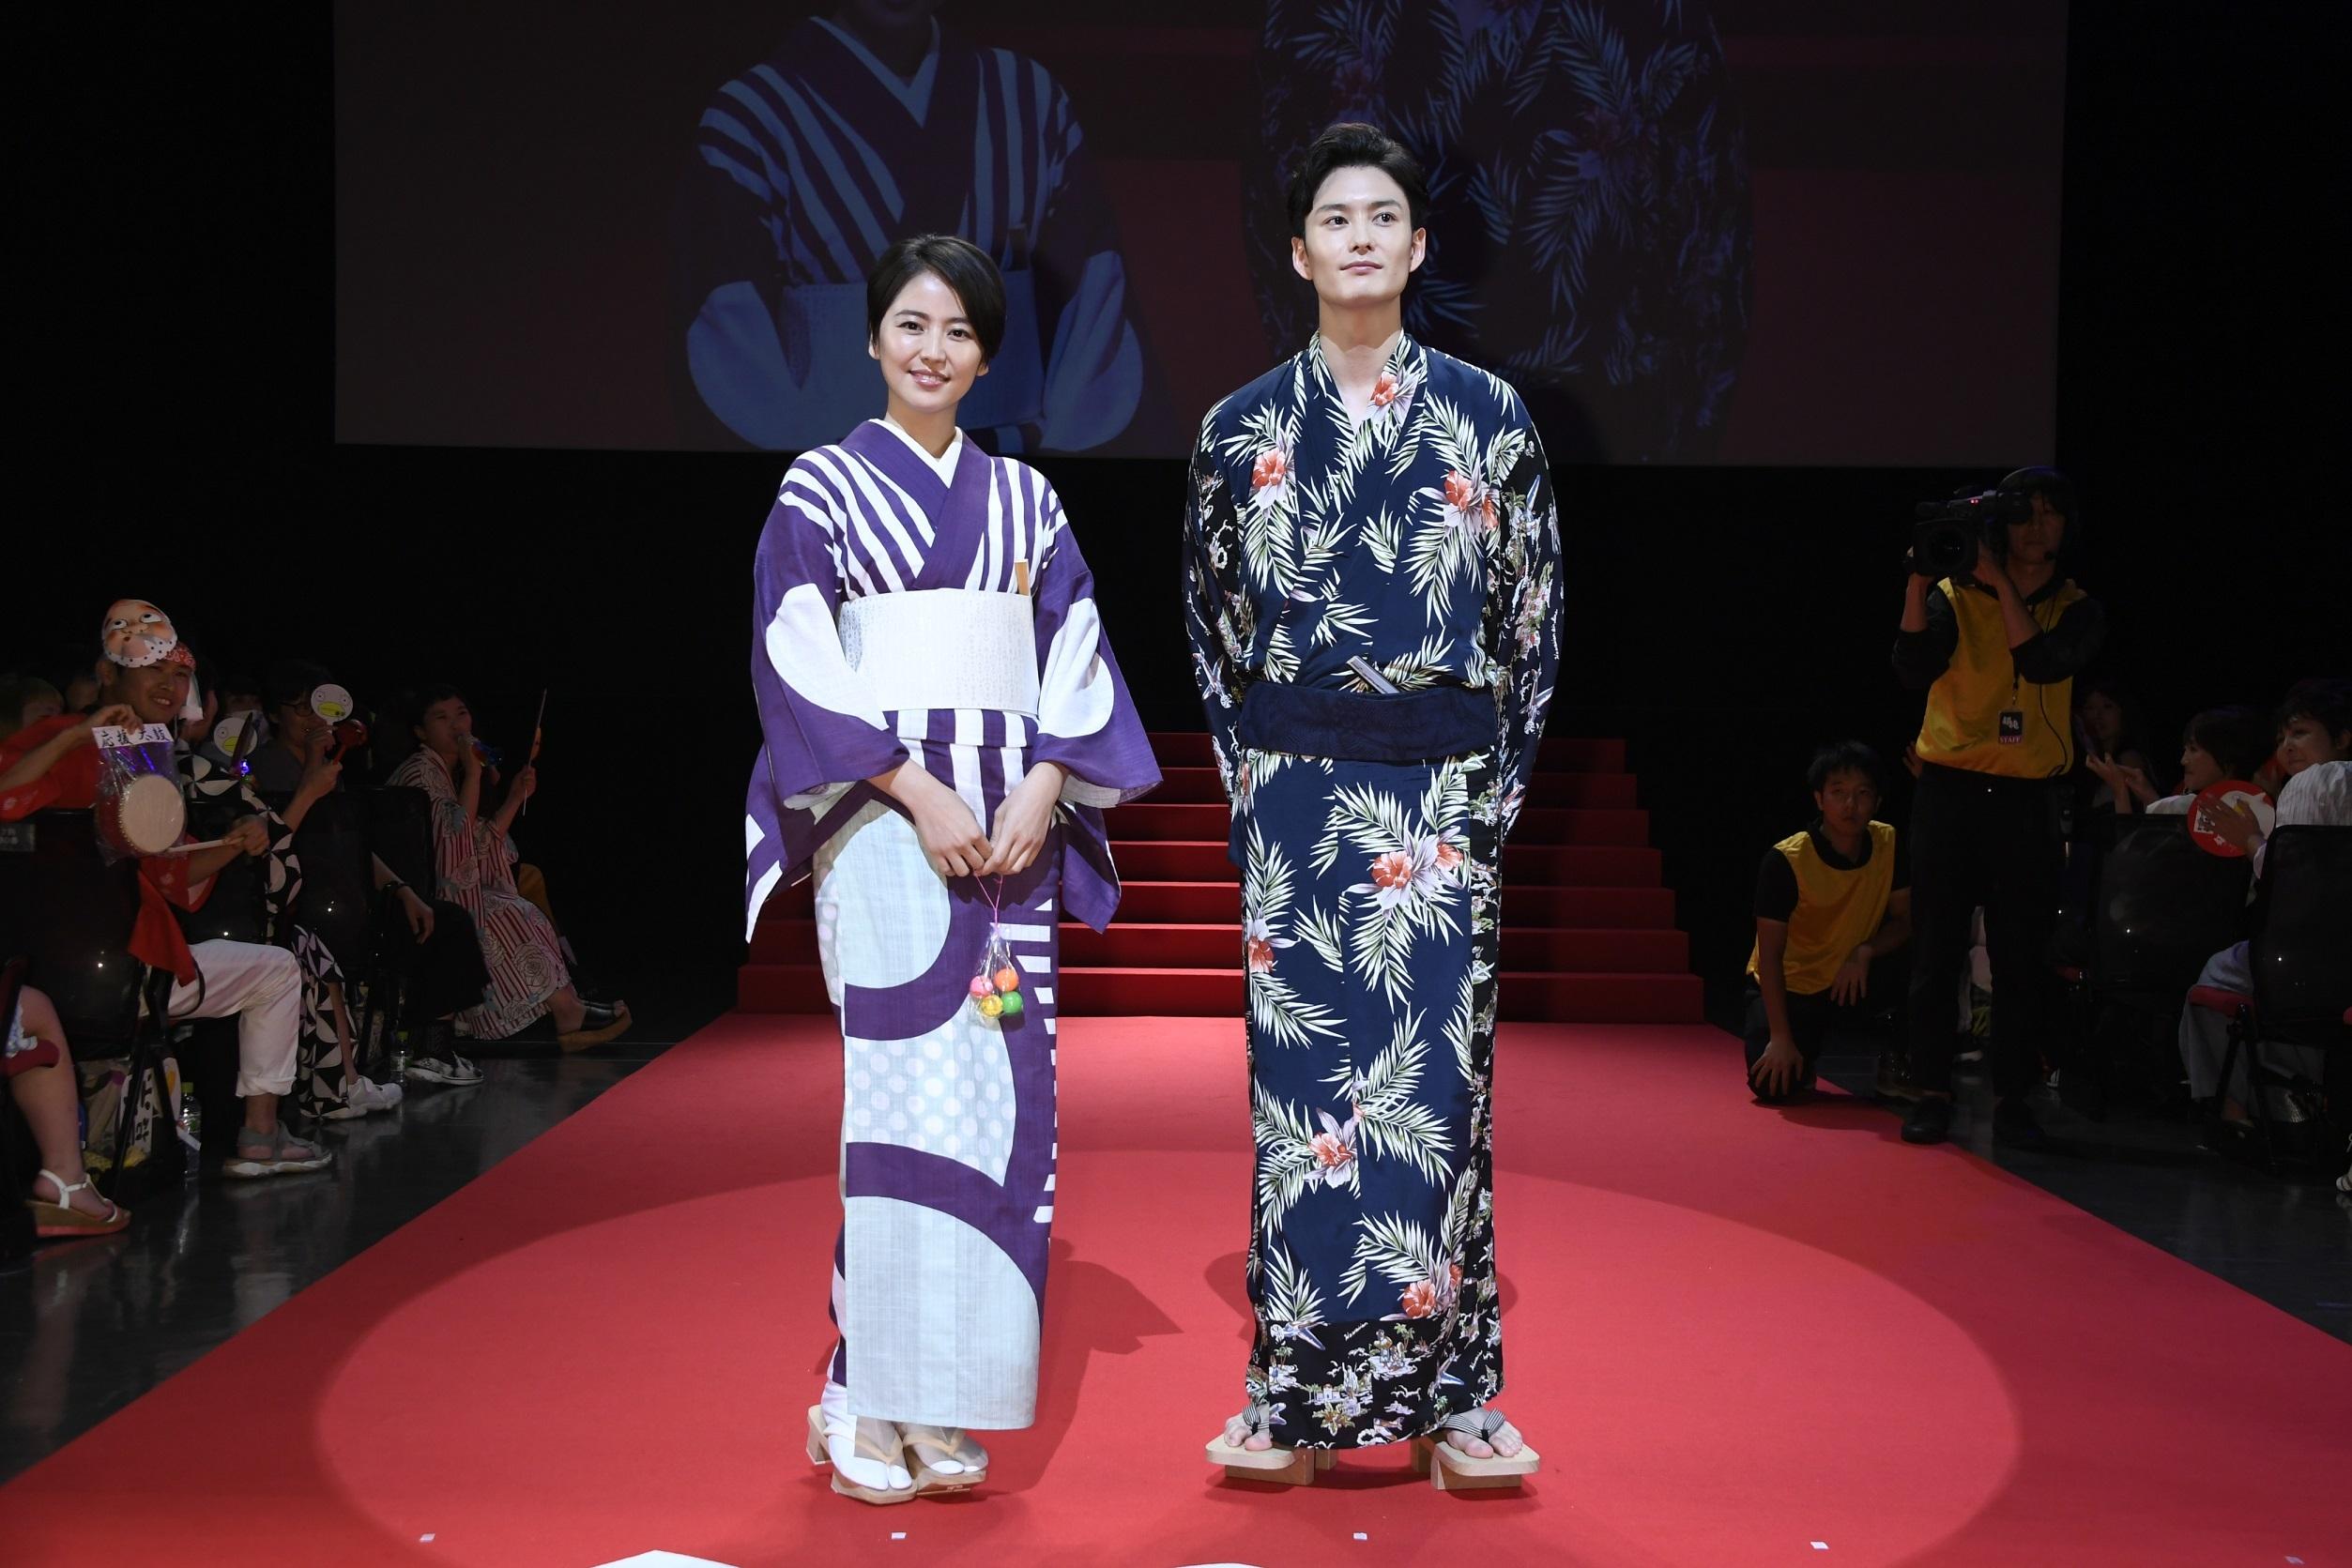 左から、長澤まさみ、岡田将生